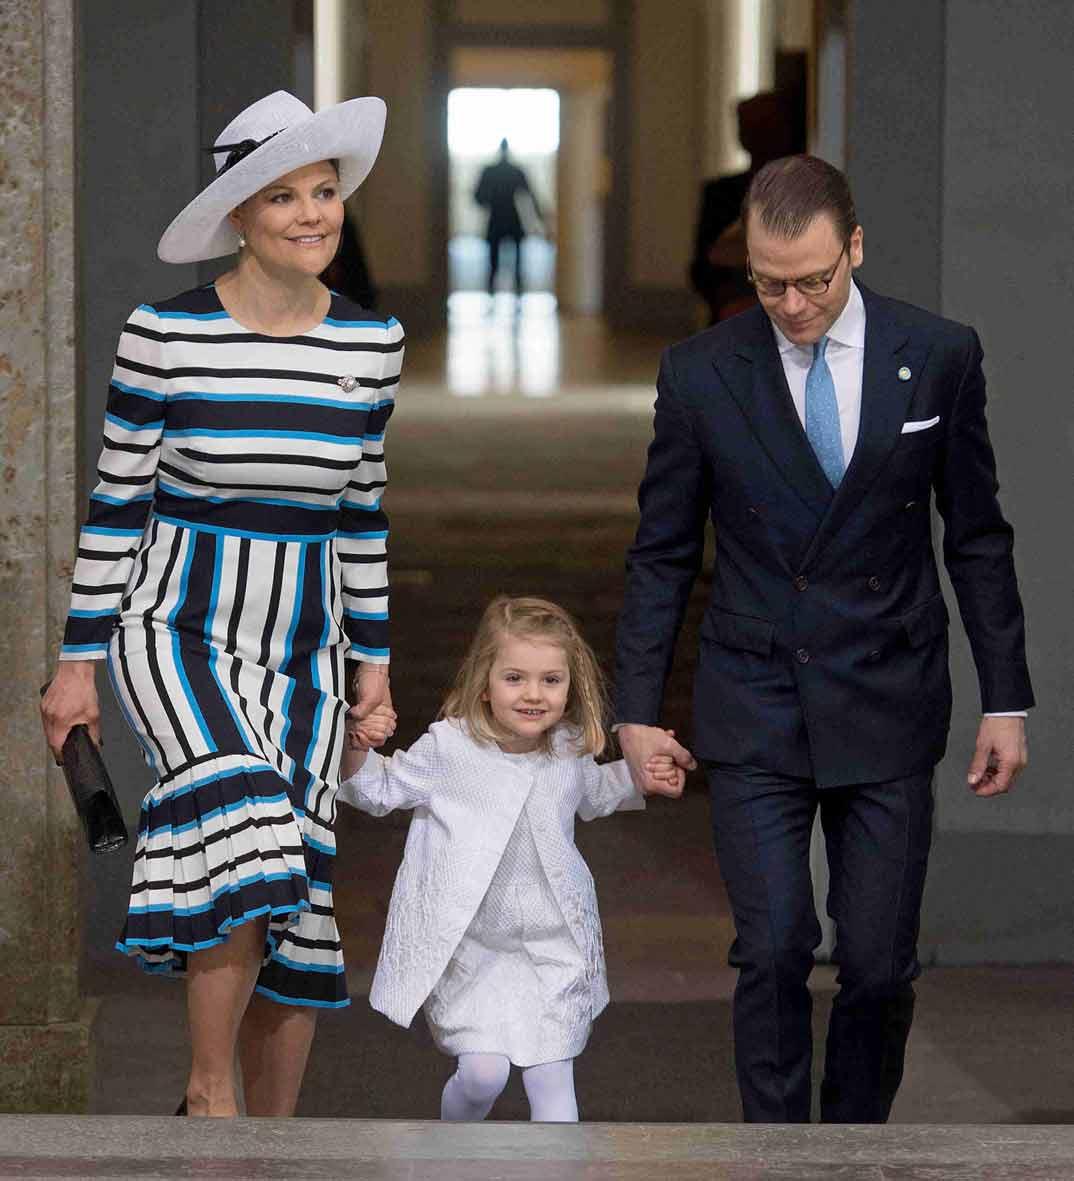 principe-daniel-y-princesa-estelle-de-suecia cumpleaños rey gustavo